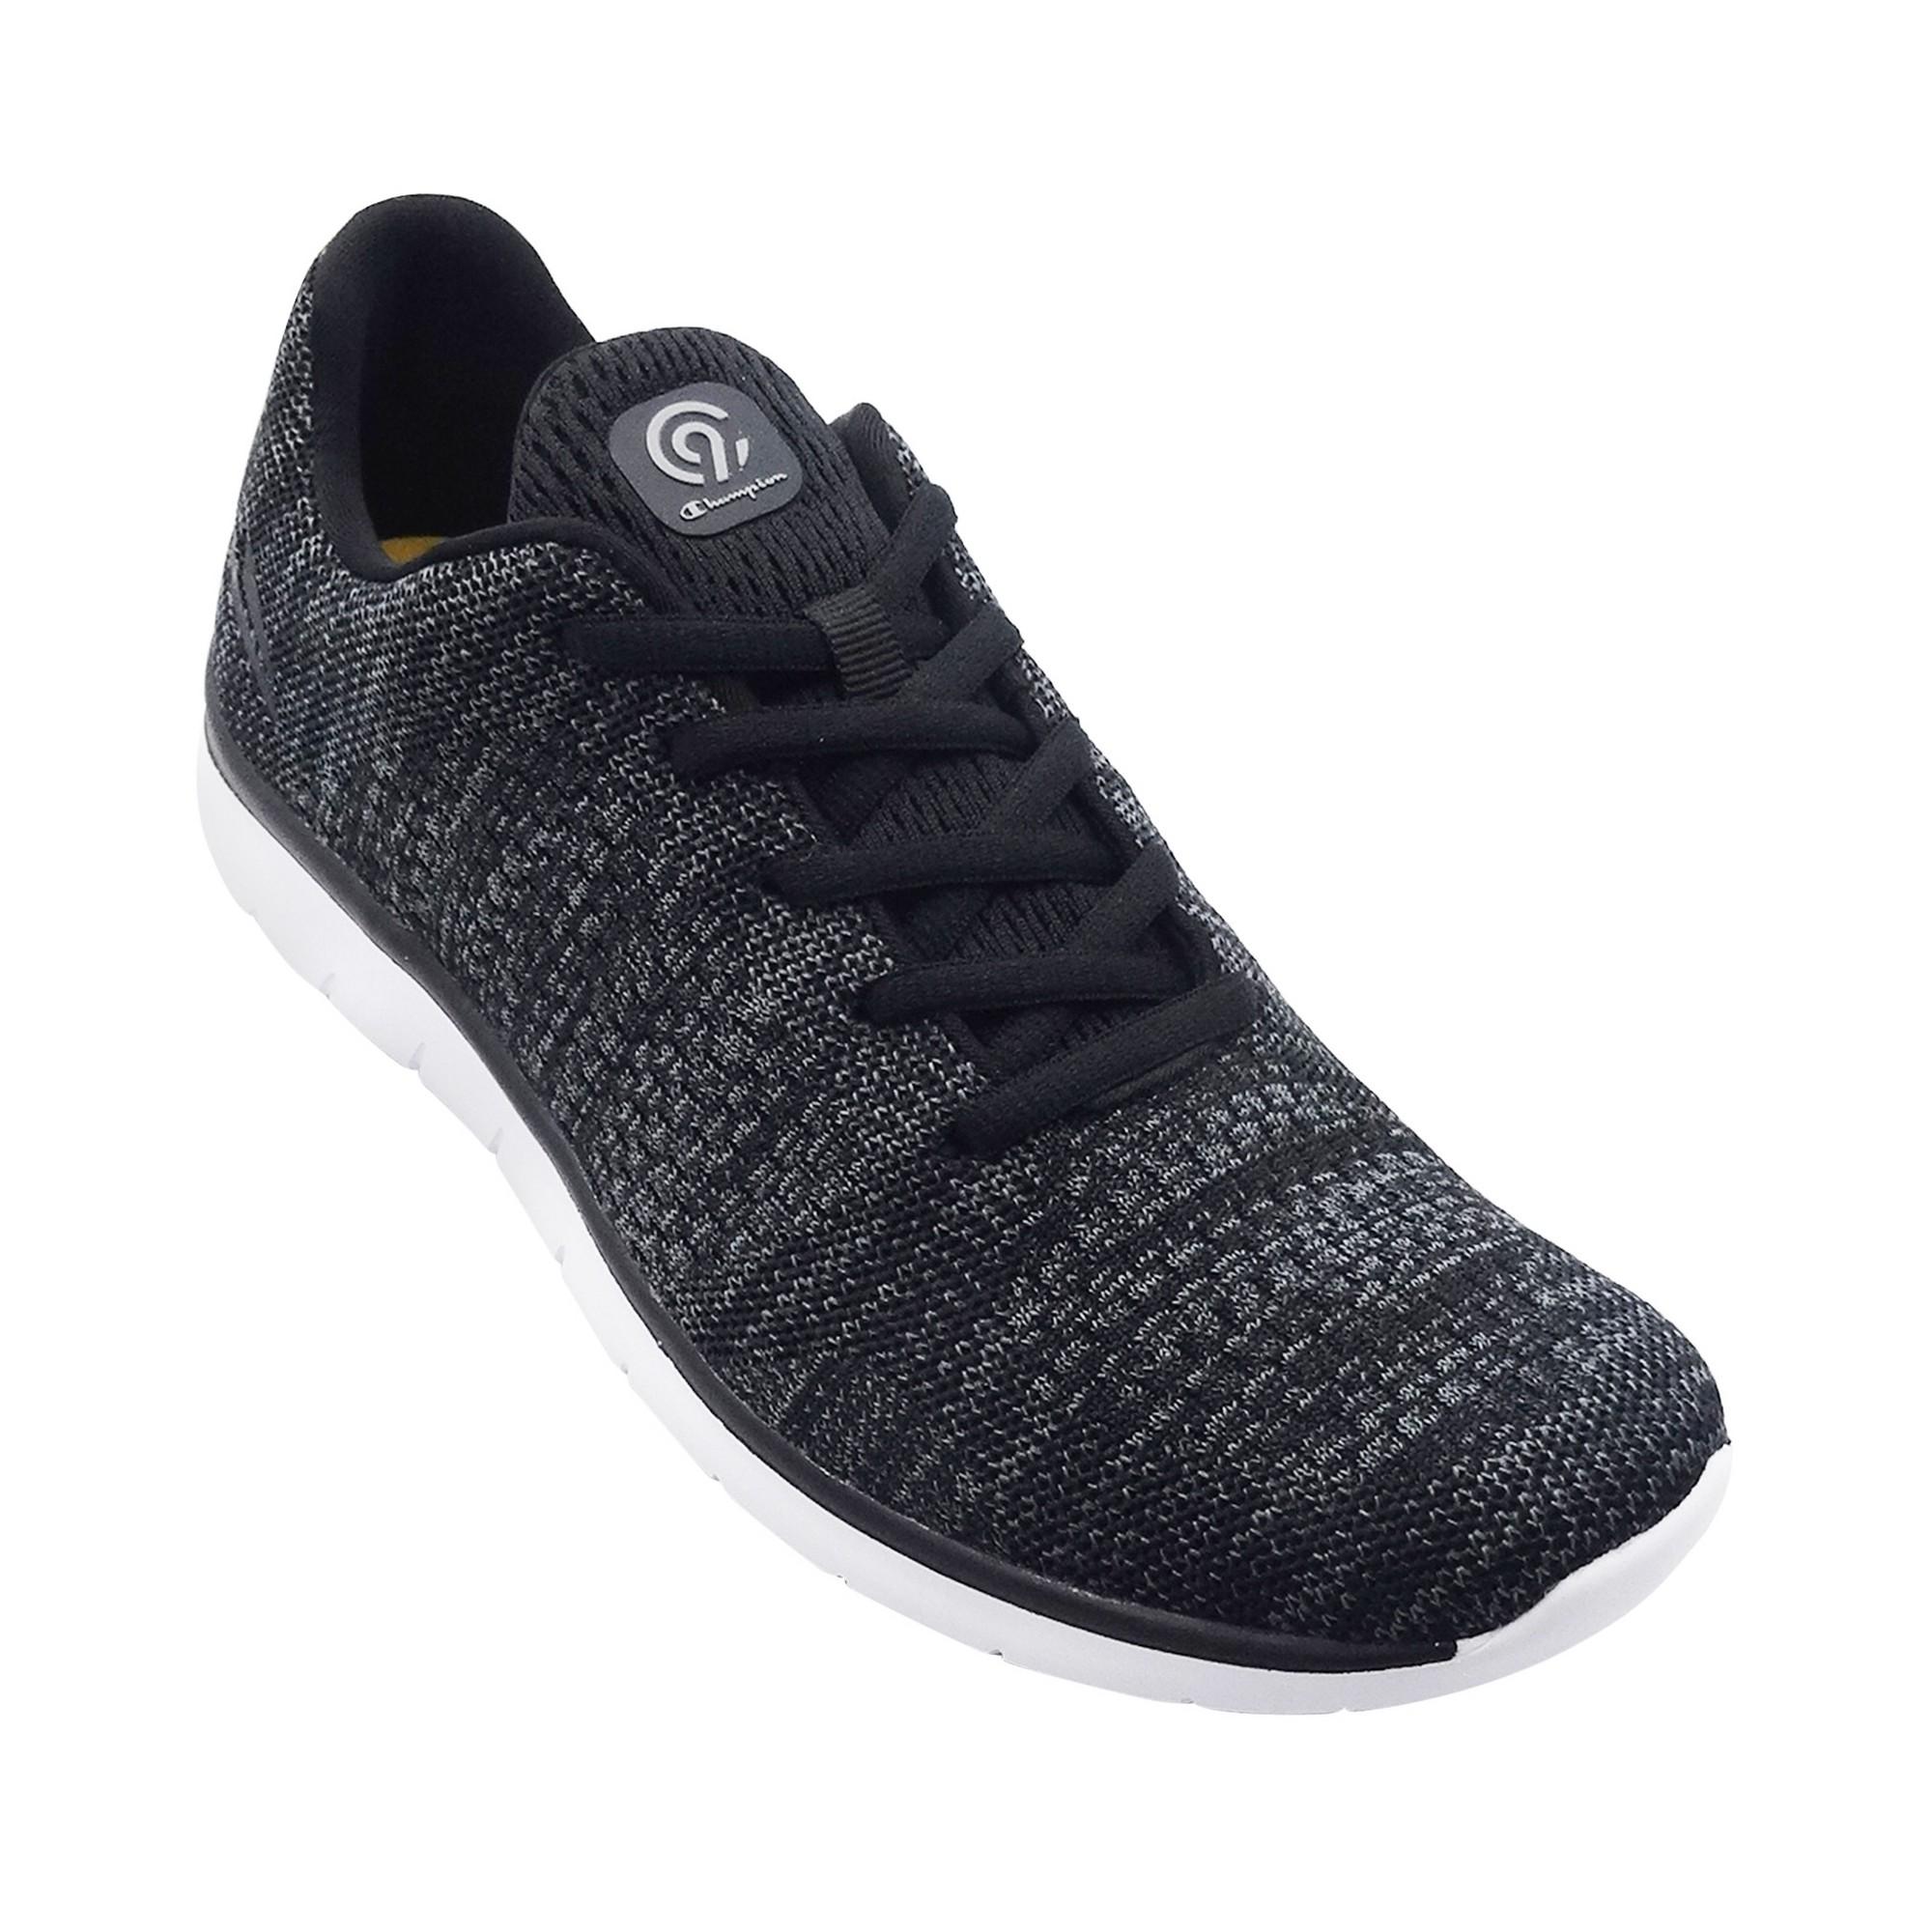 556c83a8e9744 C9 Champion Performance Athletic Shoes Focus 3 Black 10.5